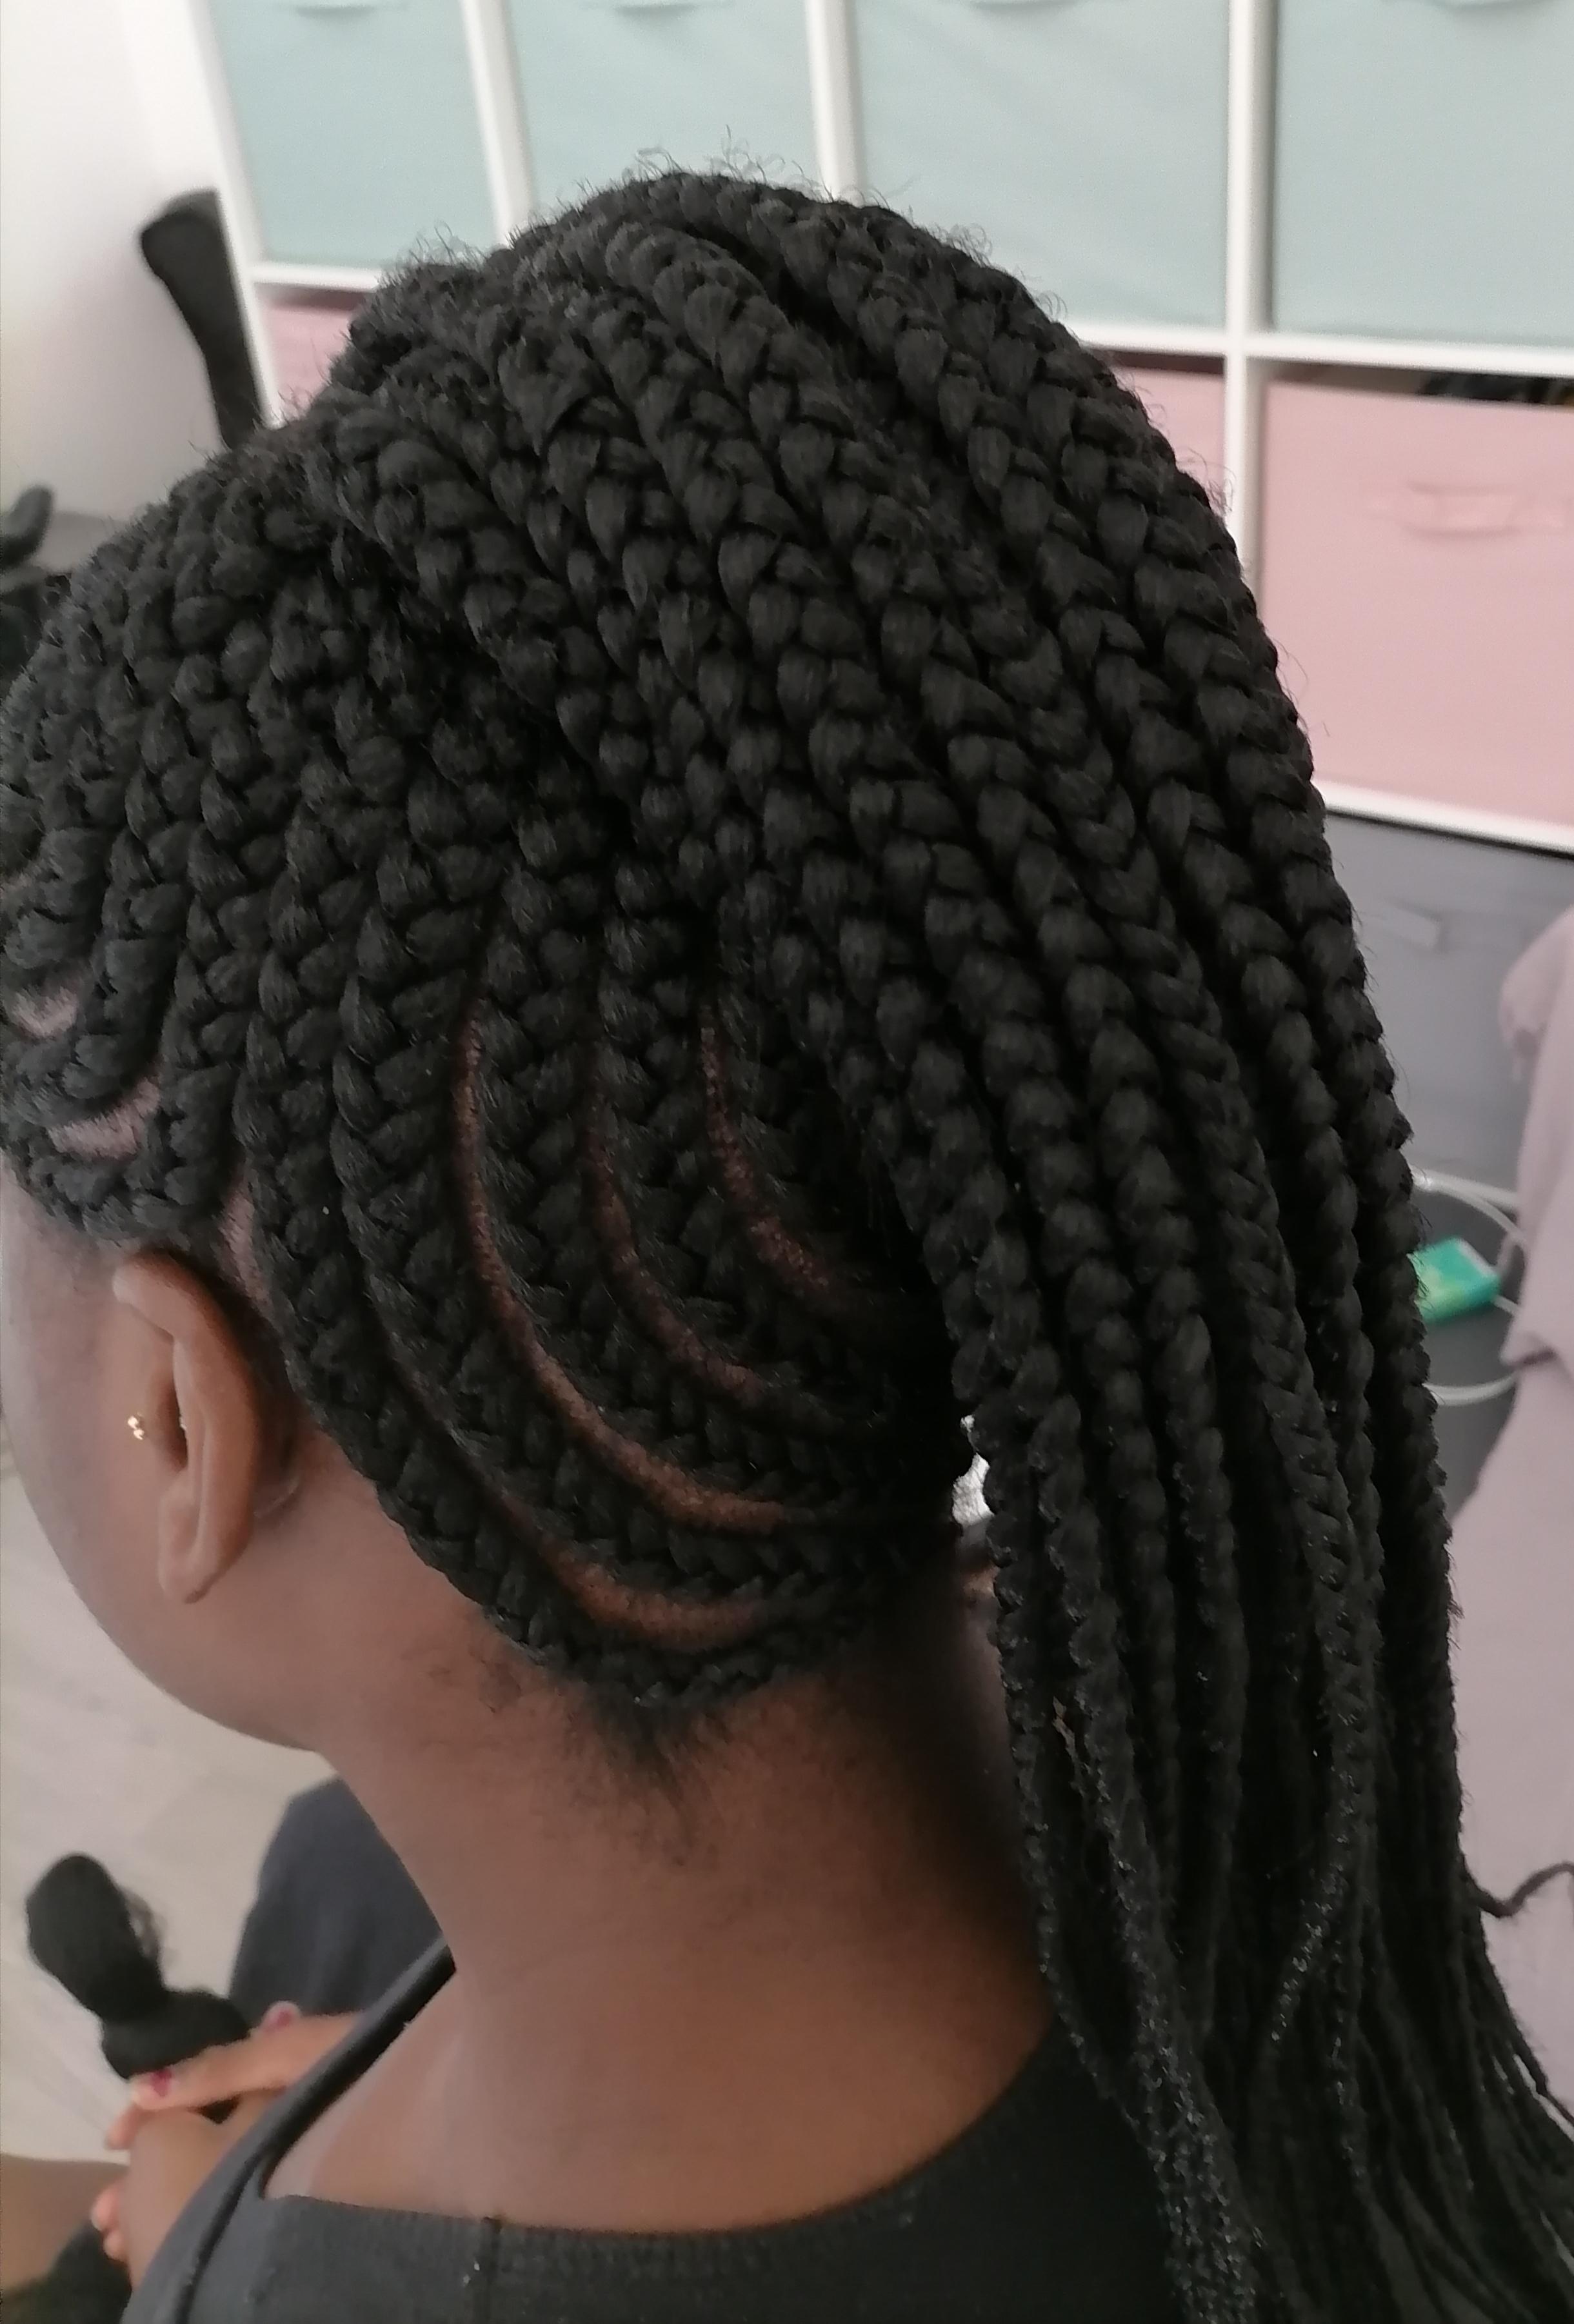 salon de coiffure afro tresse tresses box braids crochet braids vanilles tissages paris 75 77 78 91 92 93 94 95 OGDHFJUI